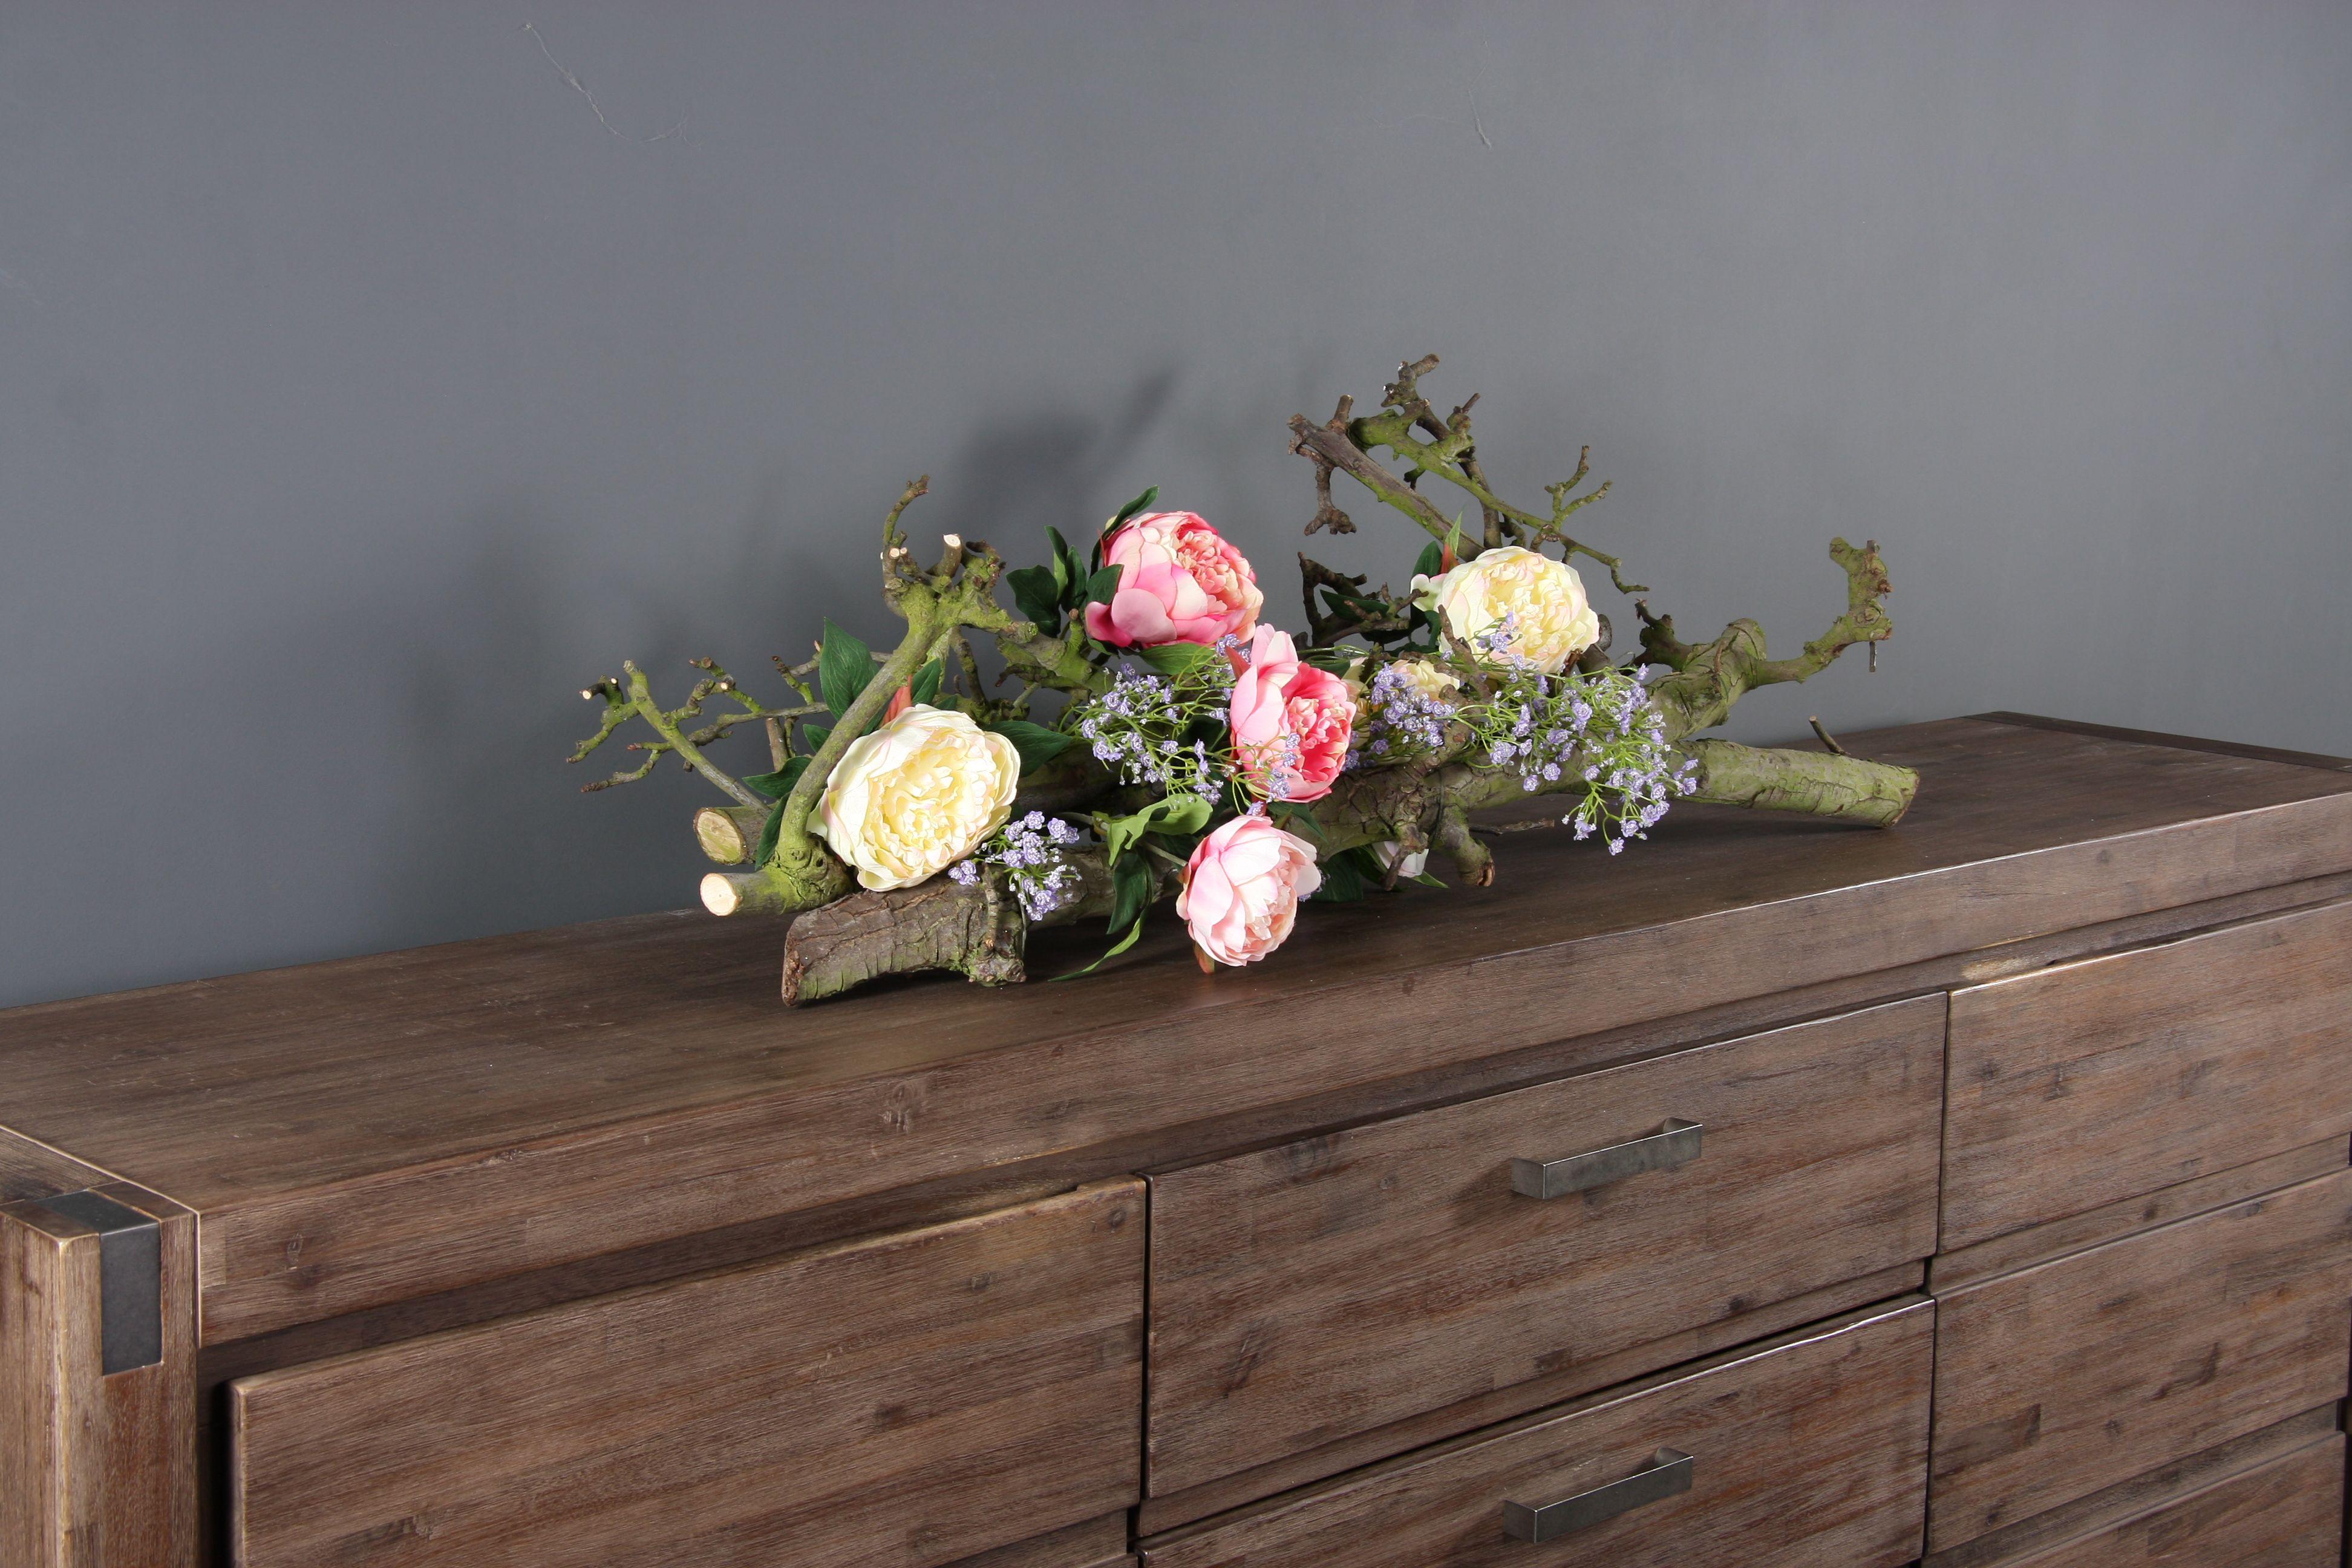 Decoratie tak naturel met zijde bloemen, mooi en makkelijk te onderhouden  www decoratietakken